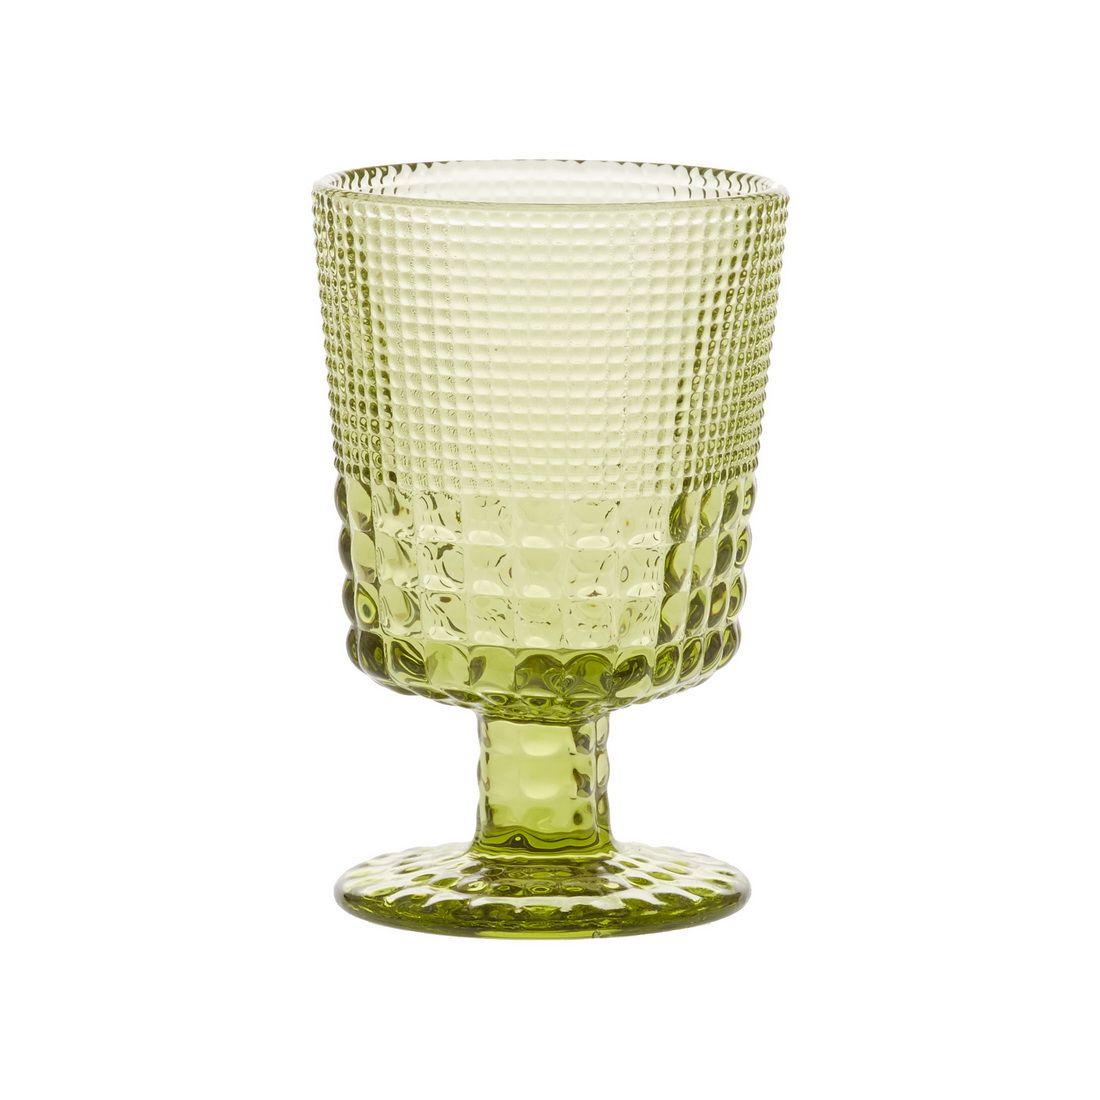 Бокал для белого вина Royal dropsБокал Ройял дропс изготовлен из высококачественного стекла красивого оливкового цвета. Он предназначен в первую очередь для белого вина, но не менее удобен для питья любых напитков как за праздничным столом, так и за ежедневной трапезой. Стекло — не просто красивый и долговечный, но также гигиеничный материал, который легко отмывается. Эта емкость отличается эстетичным дизайном, она способна украсить сервировку стола, а также станет очевидным признаком гостеприимства и хороших манер хозяев дома.<br>